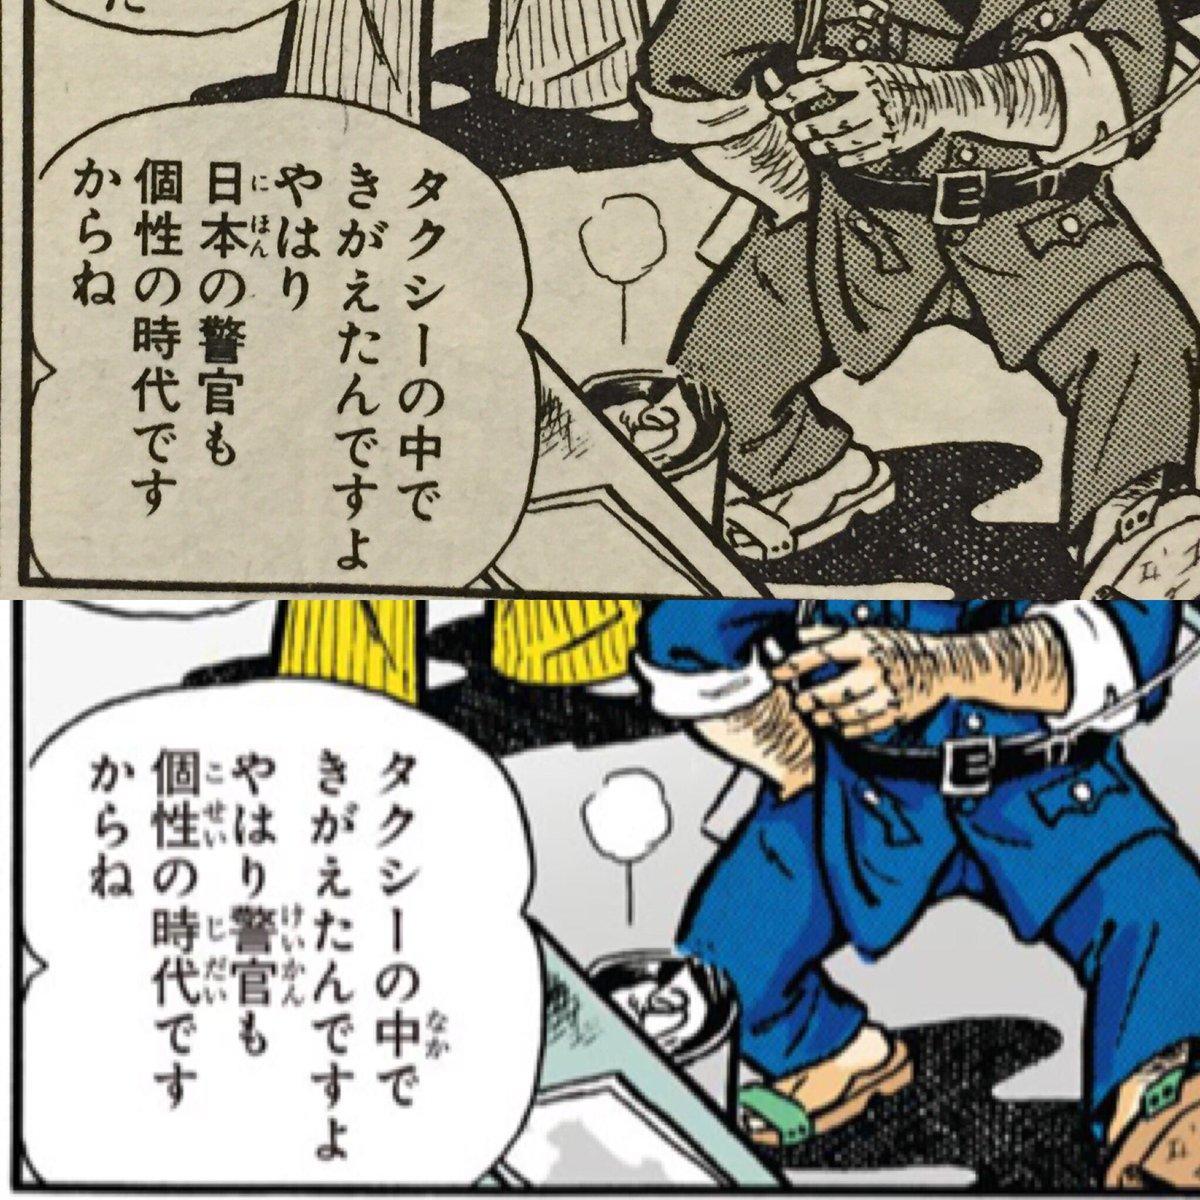 こち亀第1話、単行本収録分と今週の再掲載とでの差異:台詞の改変その2。「日本の」とから「署で」を選んで削除してるのは、やっぱなんかマズいのかねフィクションとは言え https://t.co/RRRaNqdhct